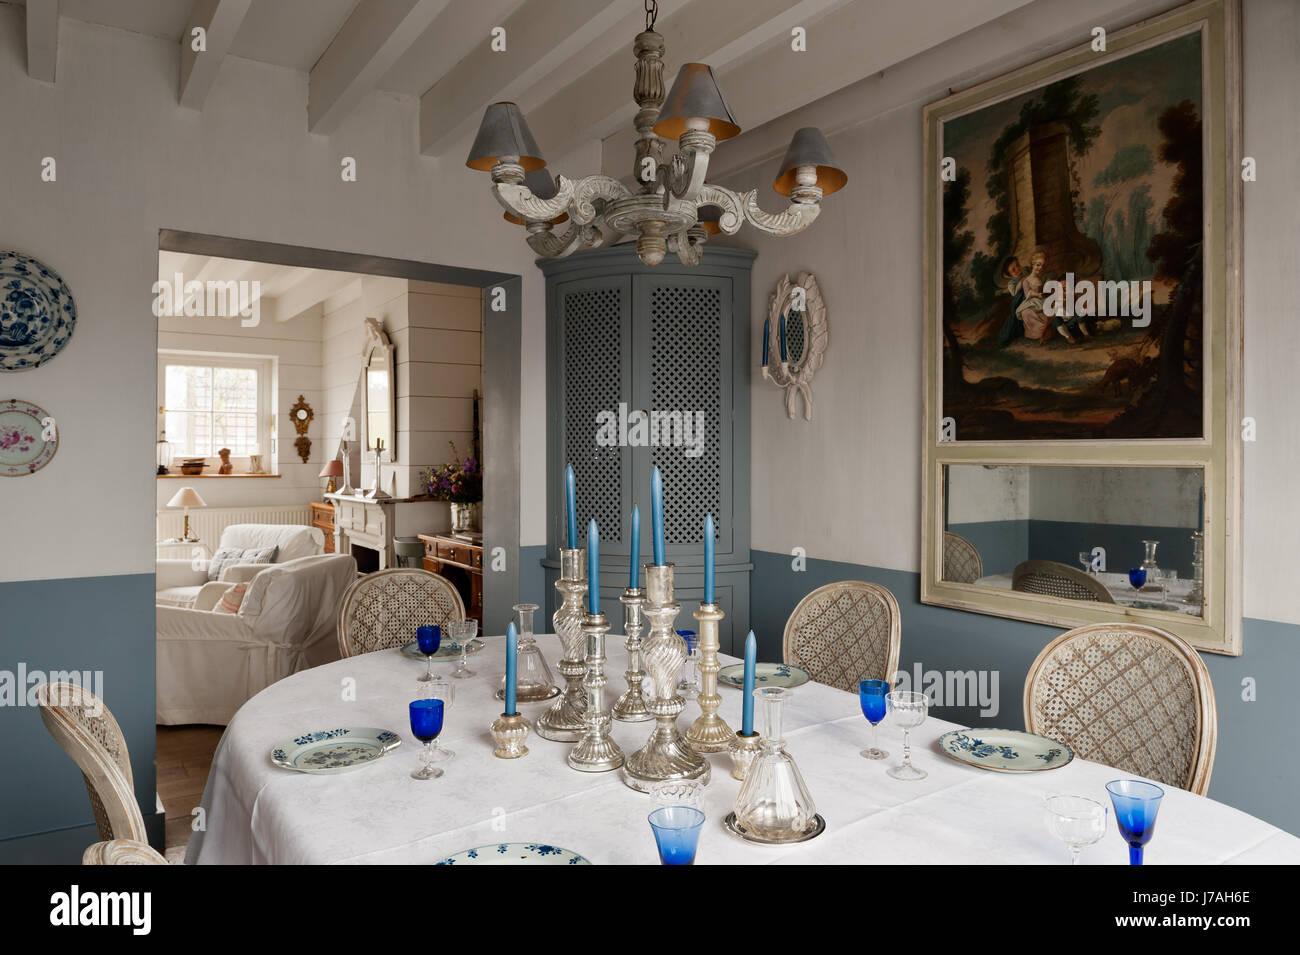 Silber Leuchter am Esstisch mit Ecke Schrank und 18. Jahrhundert französische Trumeau Spiegel Stockbild